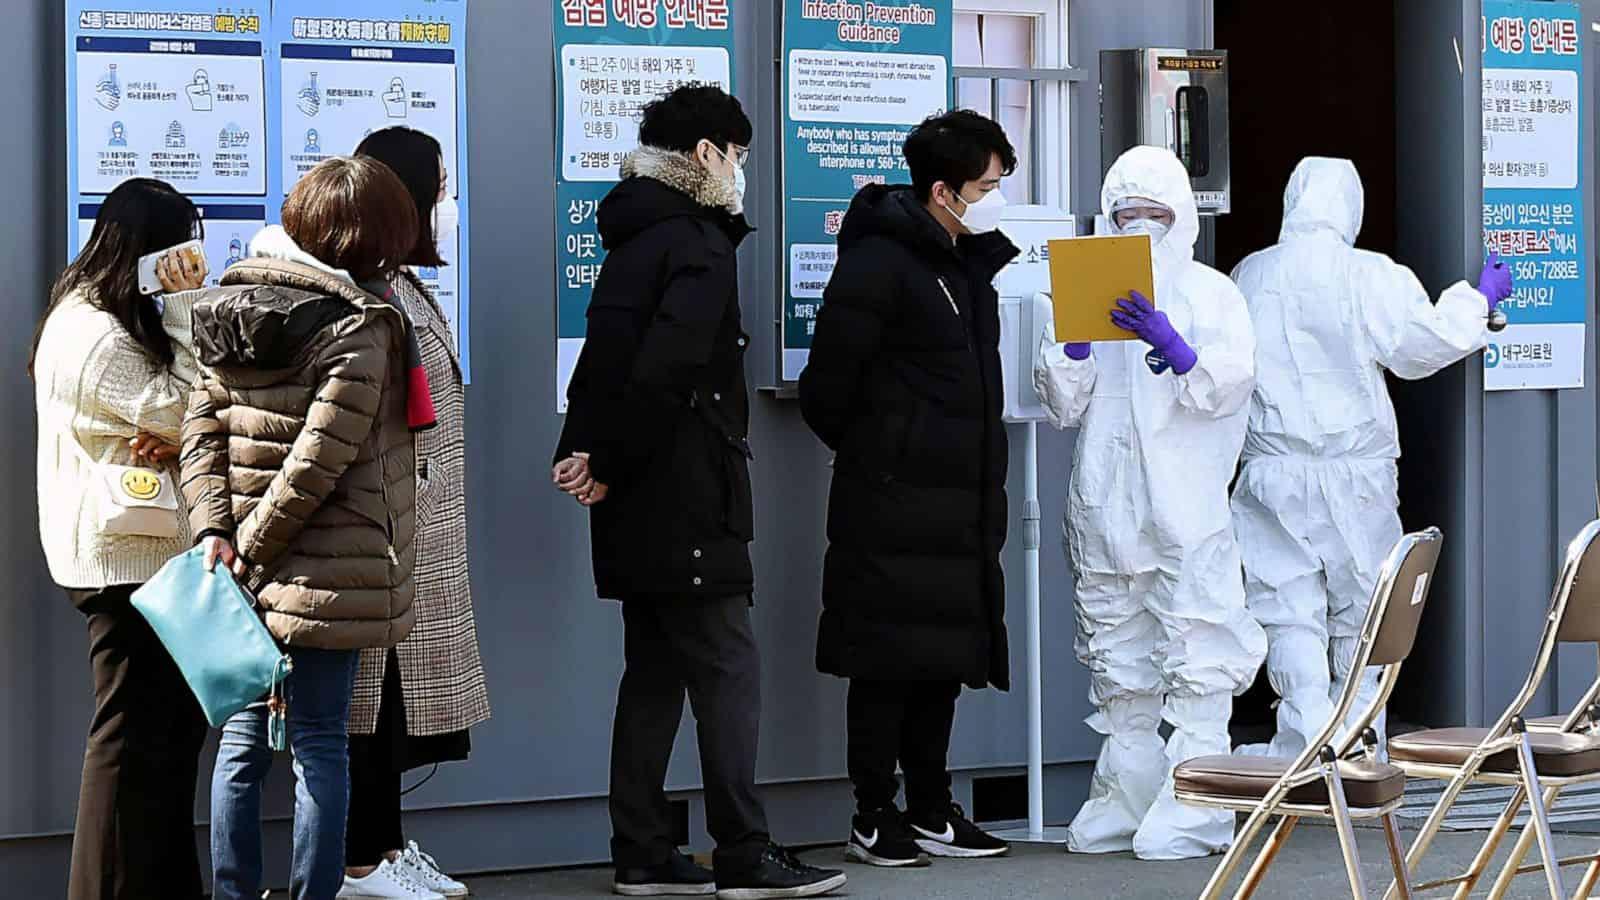 Samsung confirms coronavirus case at factory in S. Korea